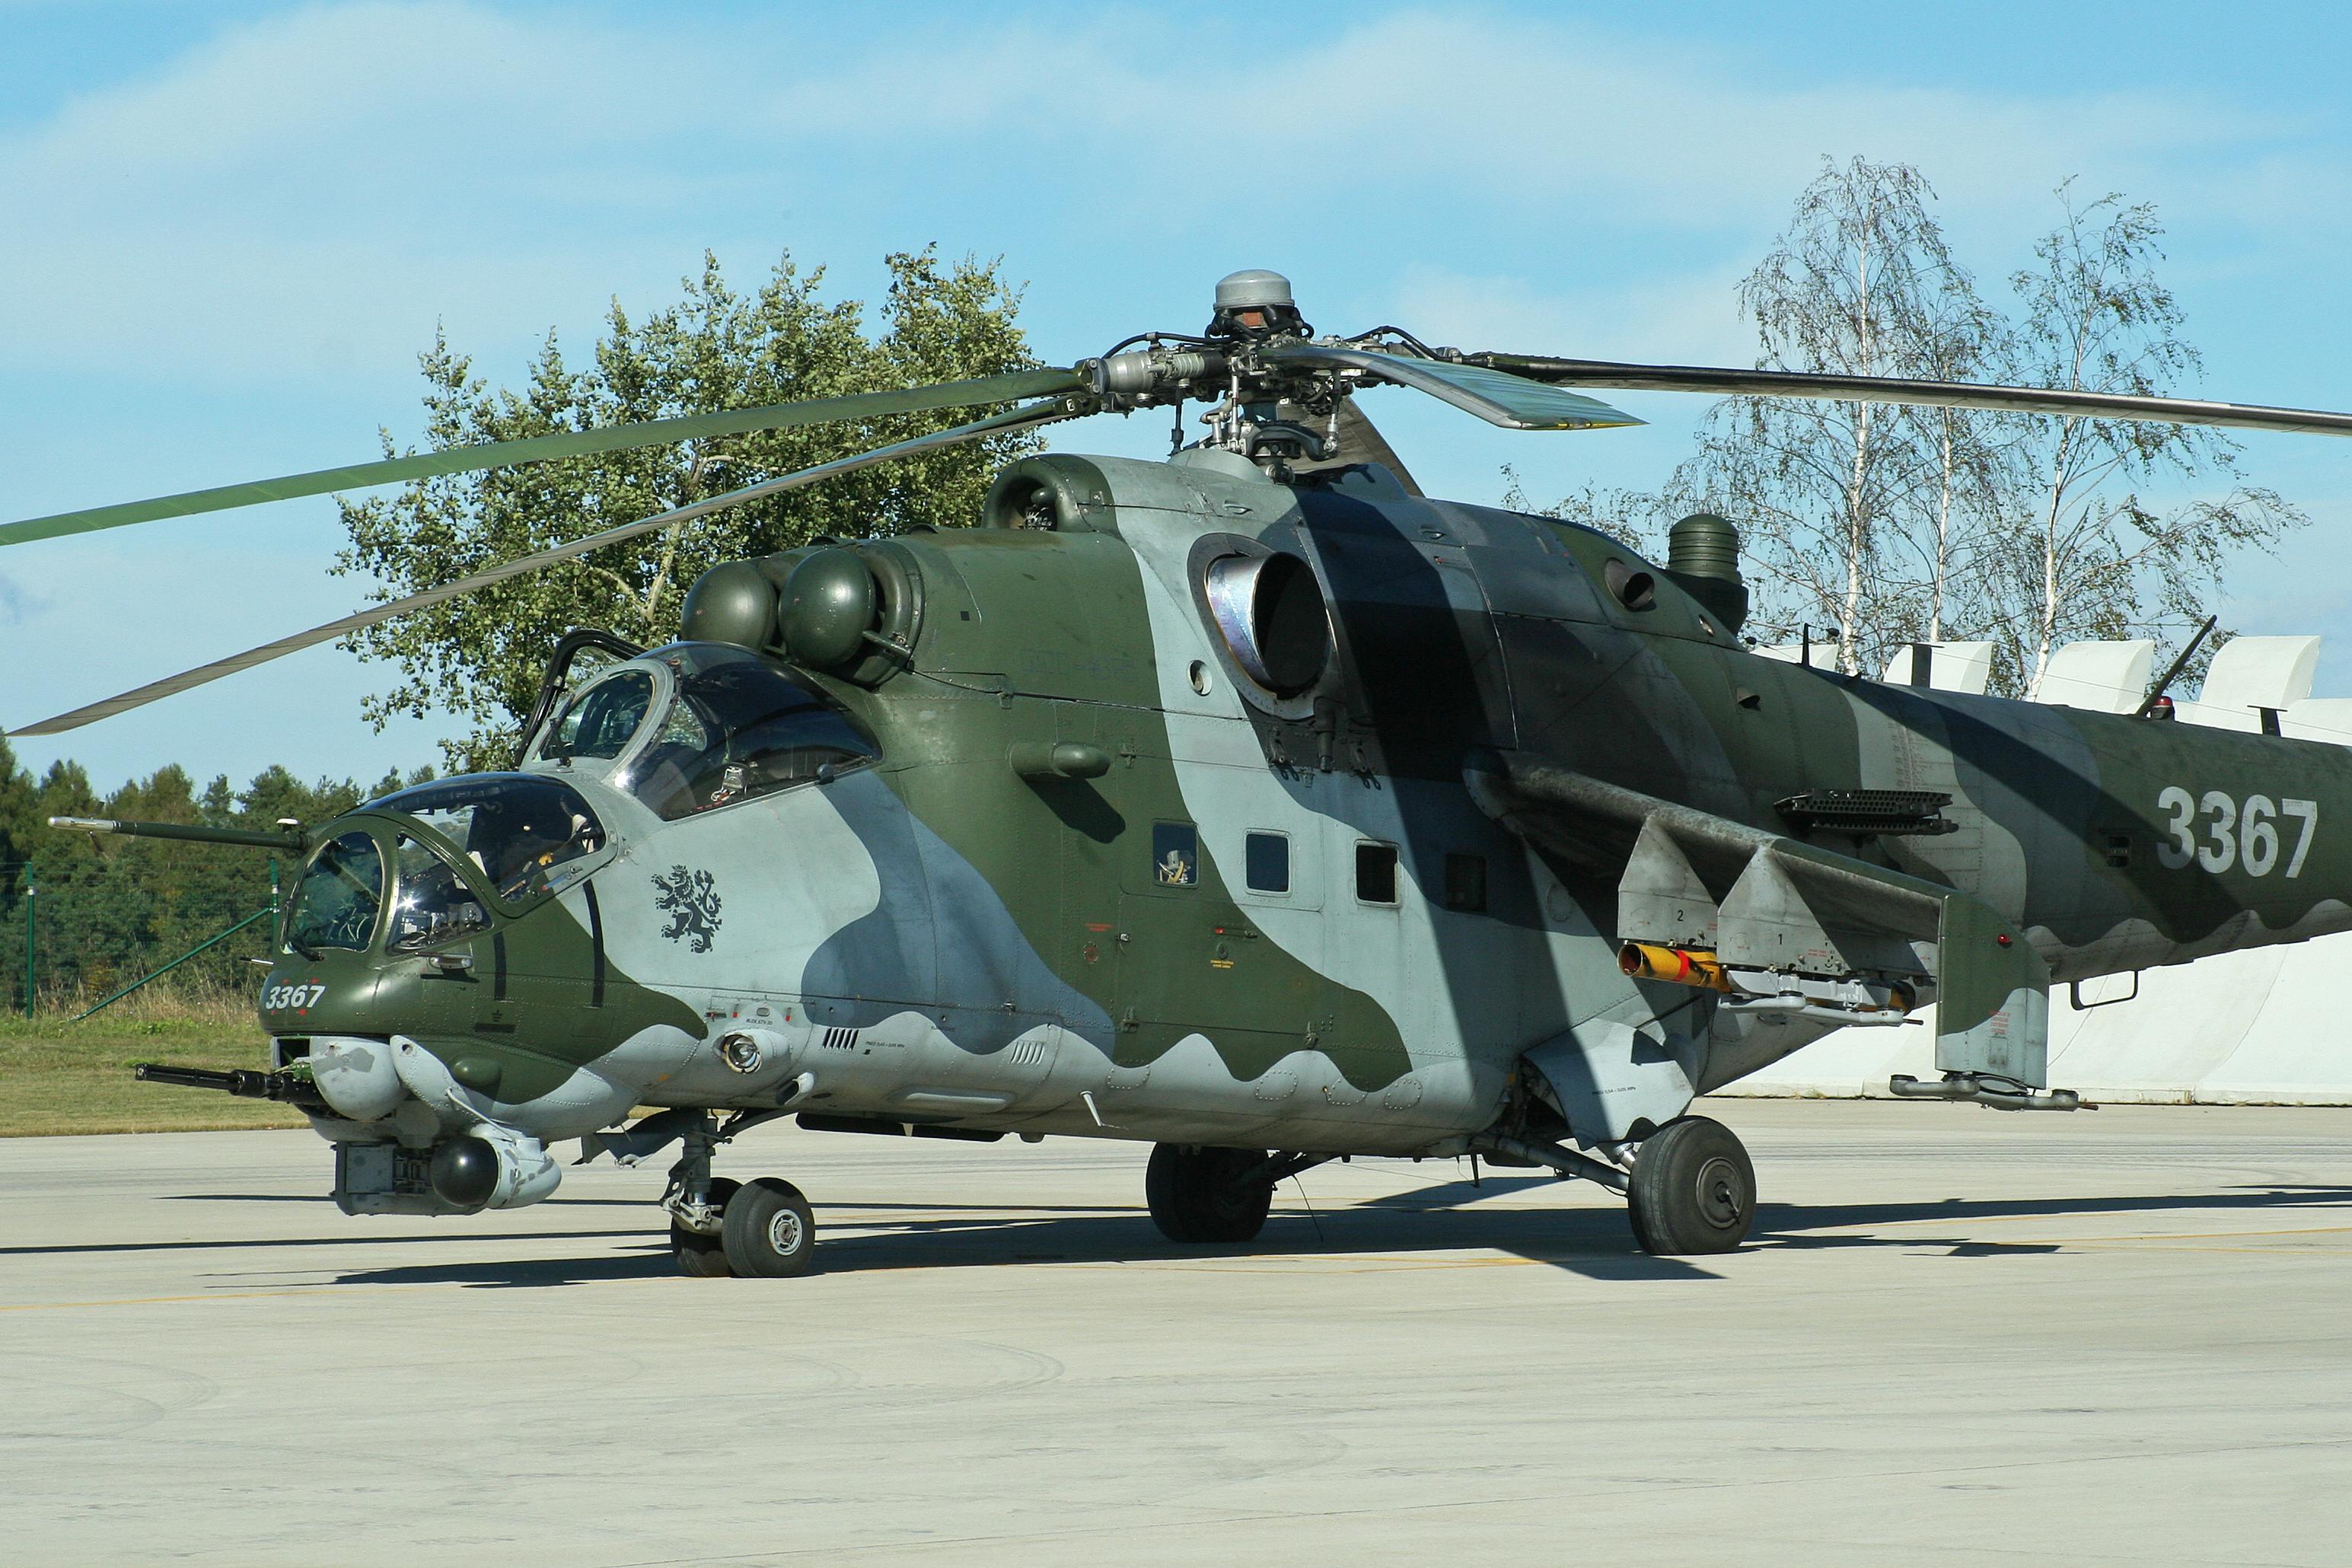 Mil Mi-24/35 Hind | Flickr